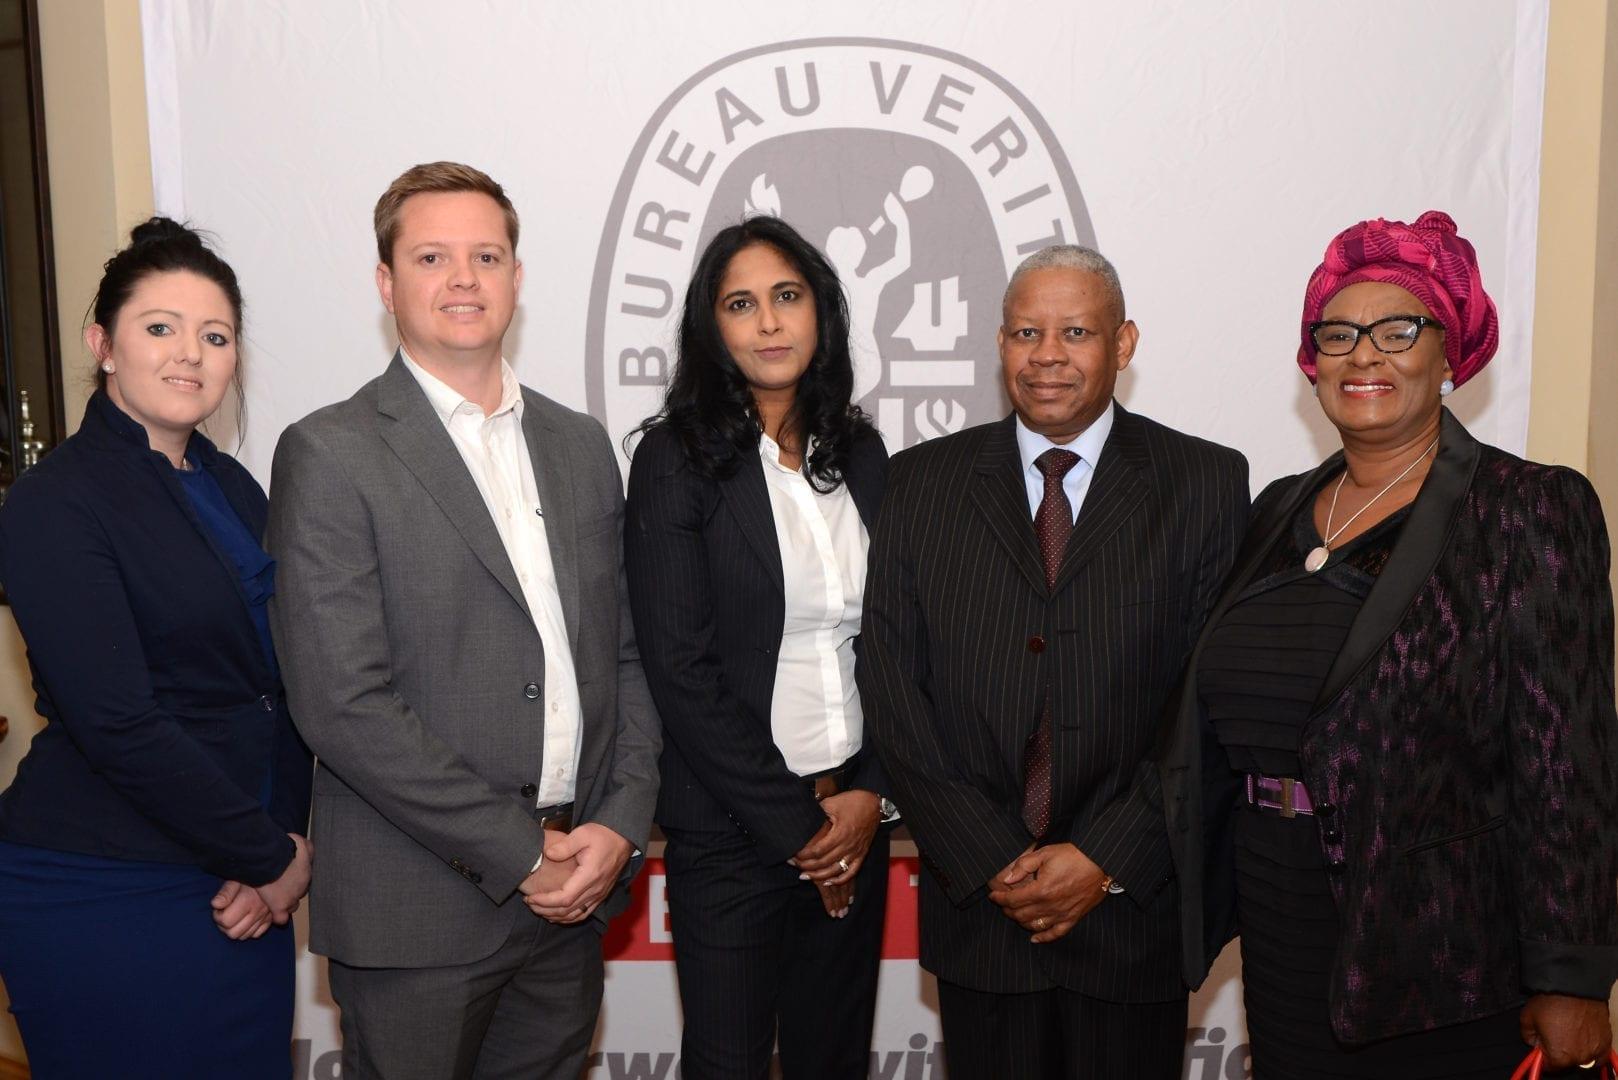 Bureau Veritas South Africa introduces Ithemba Trust